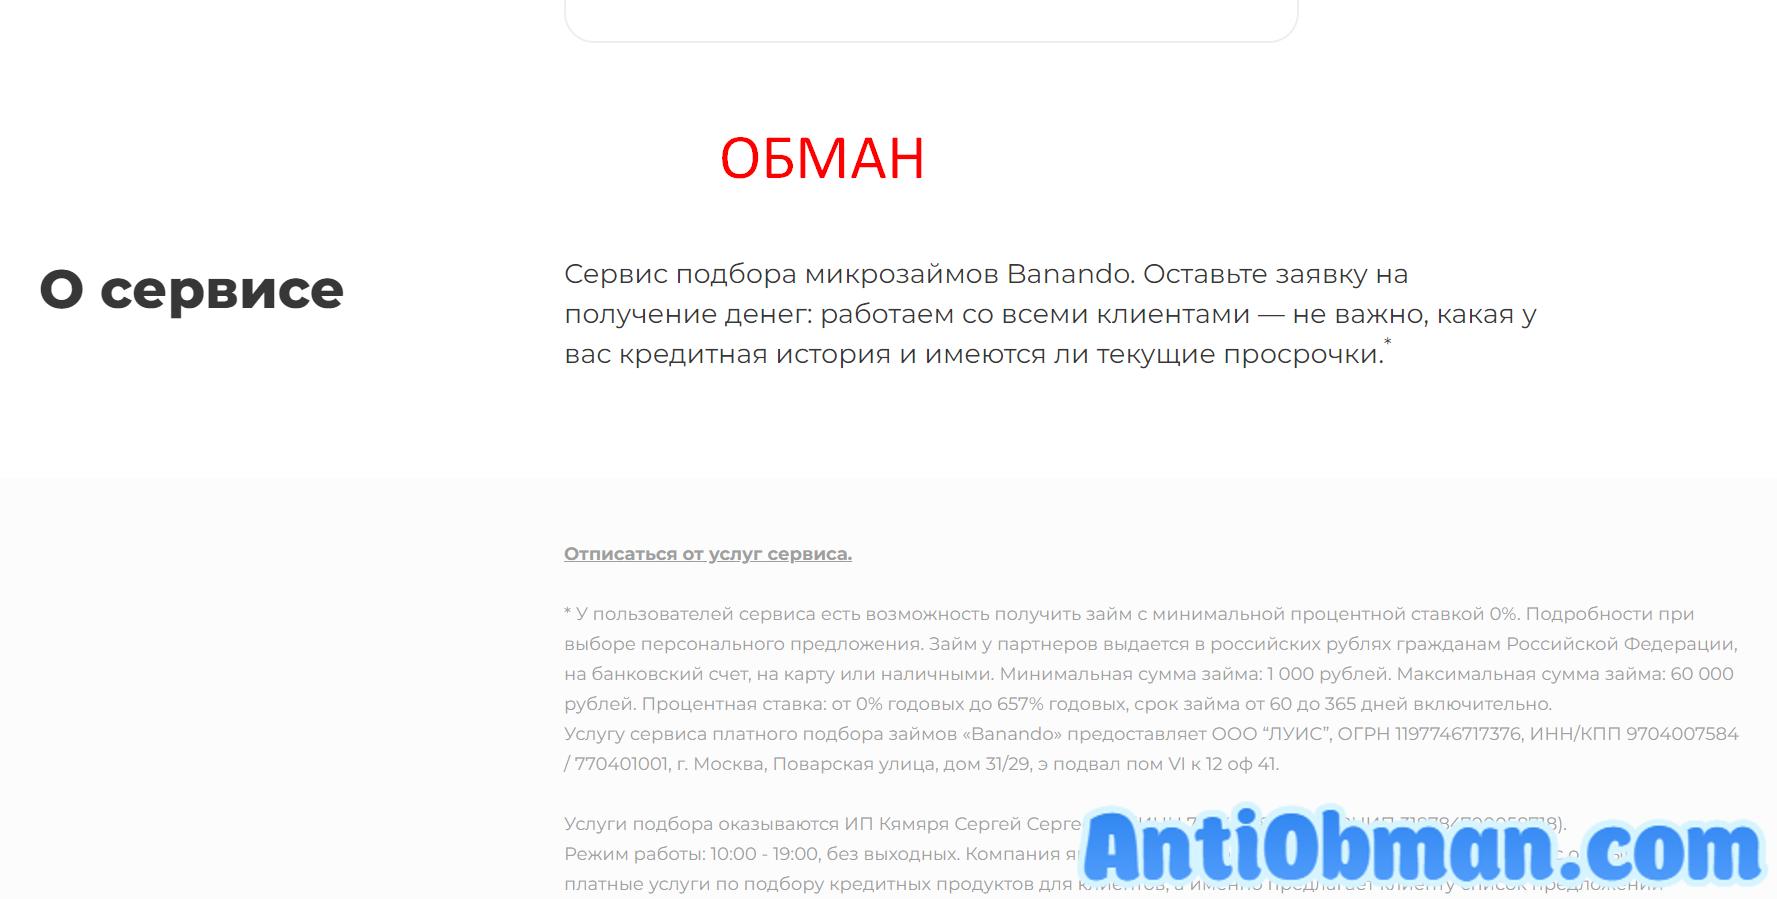 Займы Banando (banando.ru) - отзывы и проверка.